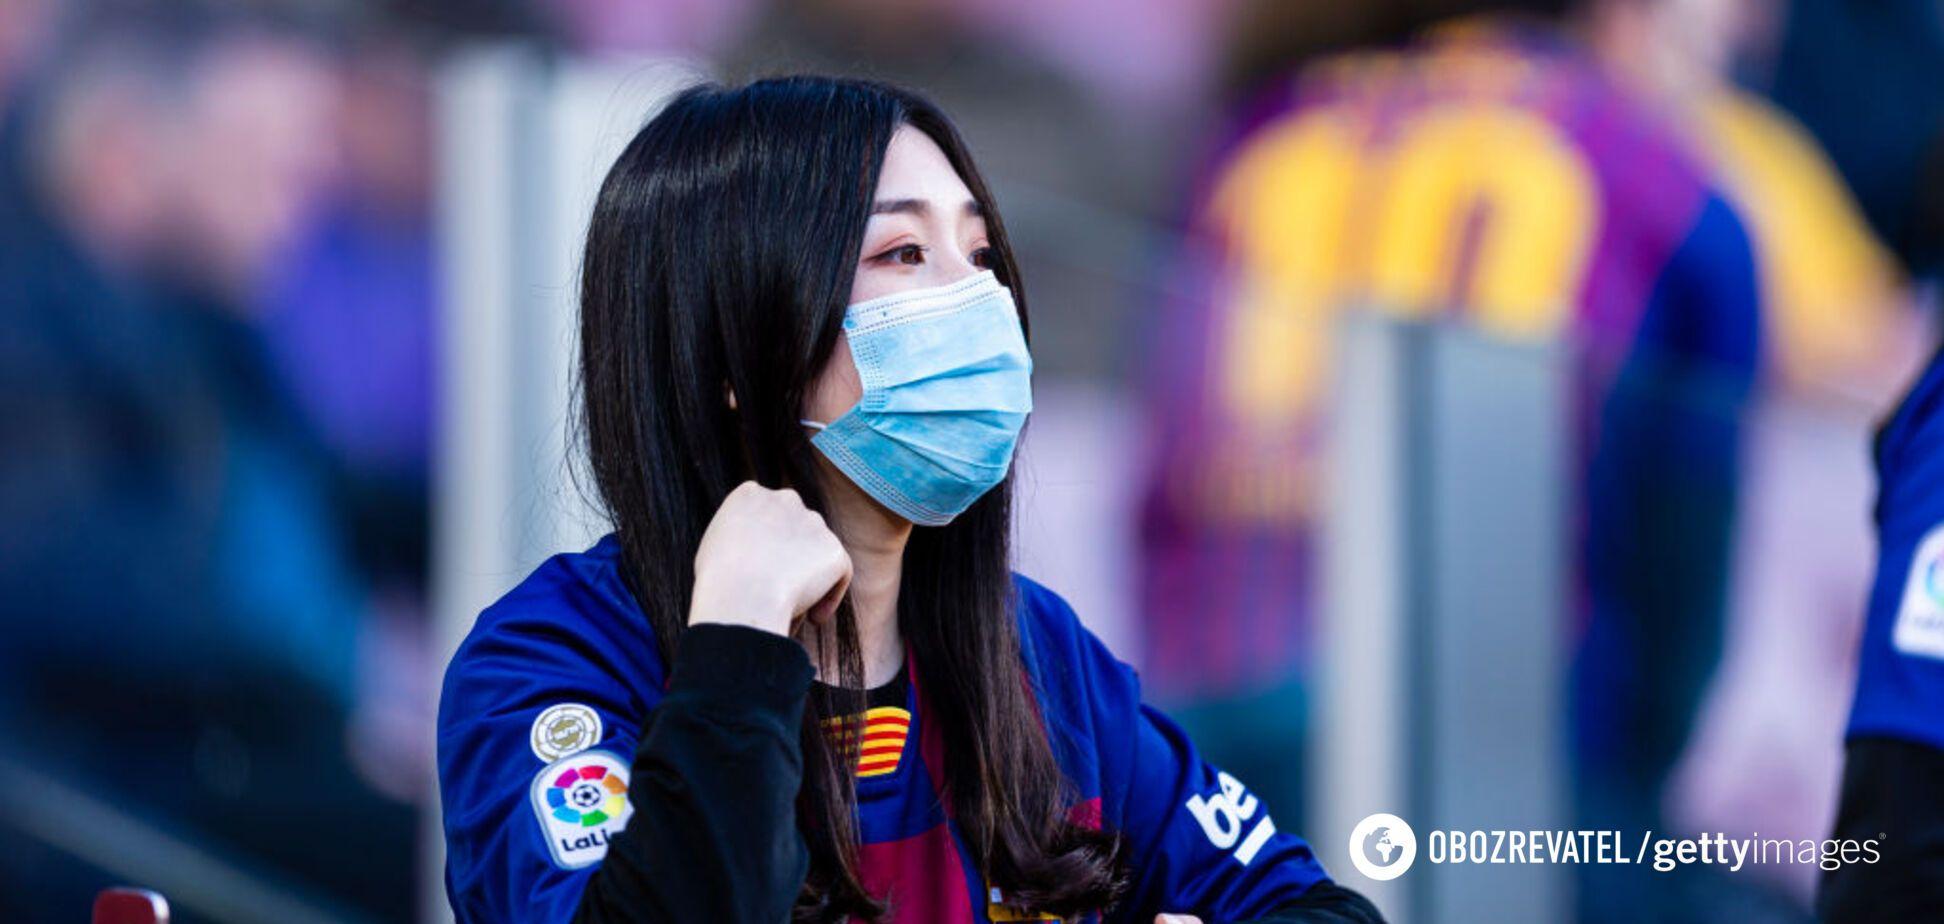 Официально: по матчу 'Барселоны' в ЛЧ принято громкое решение из-за коронавируса